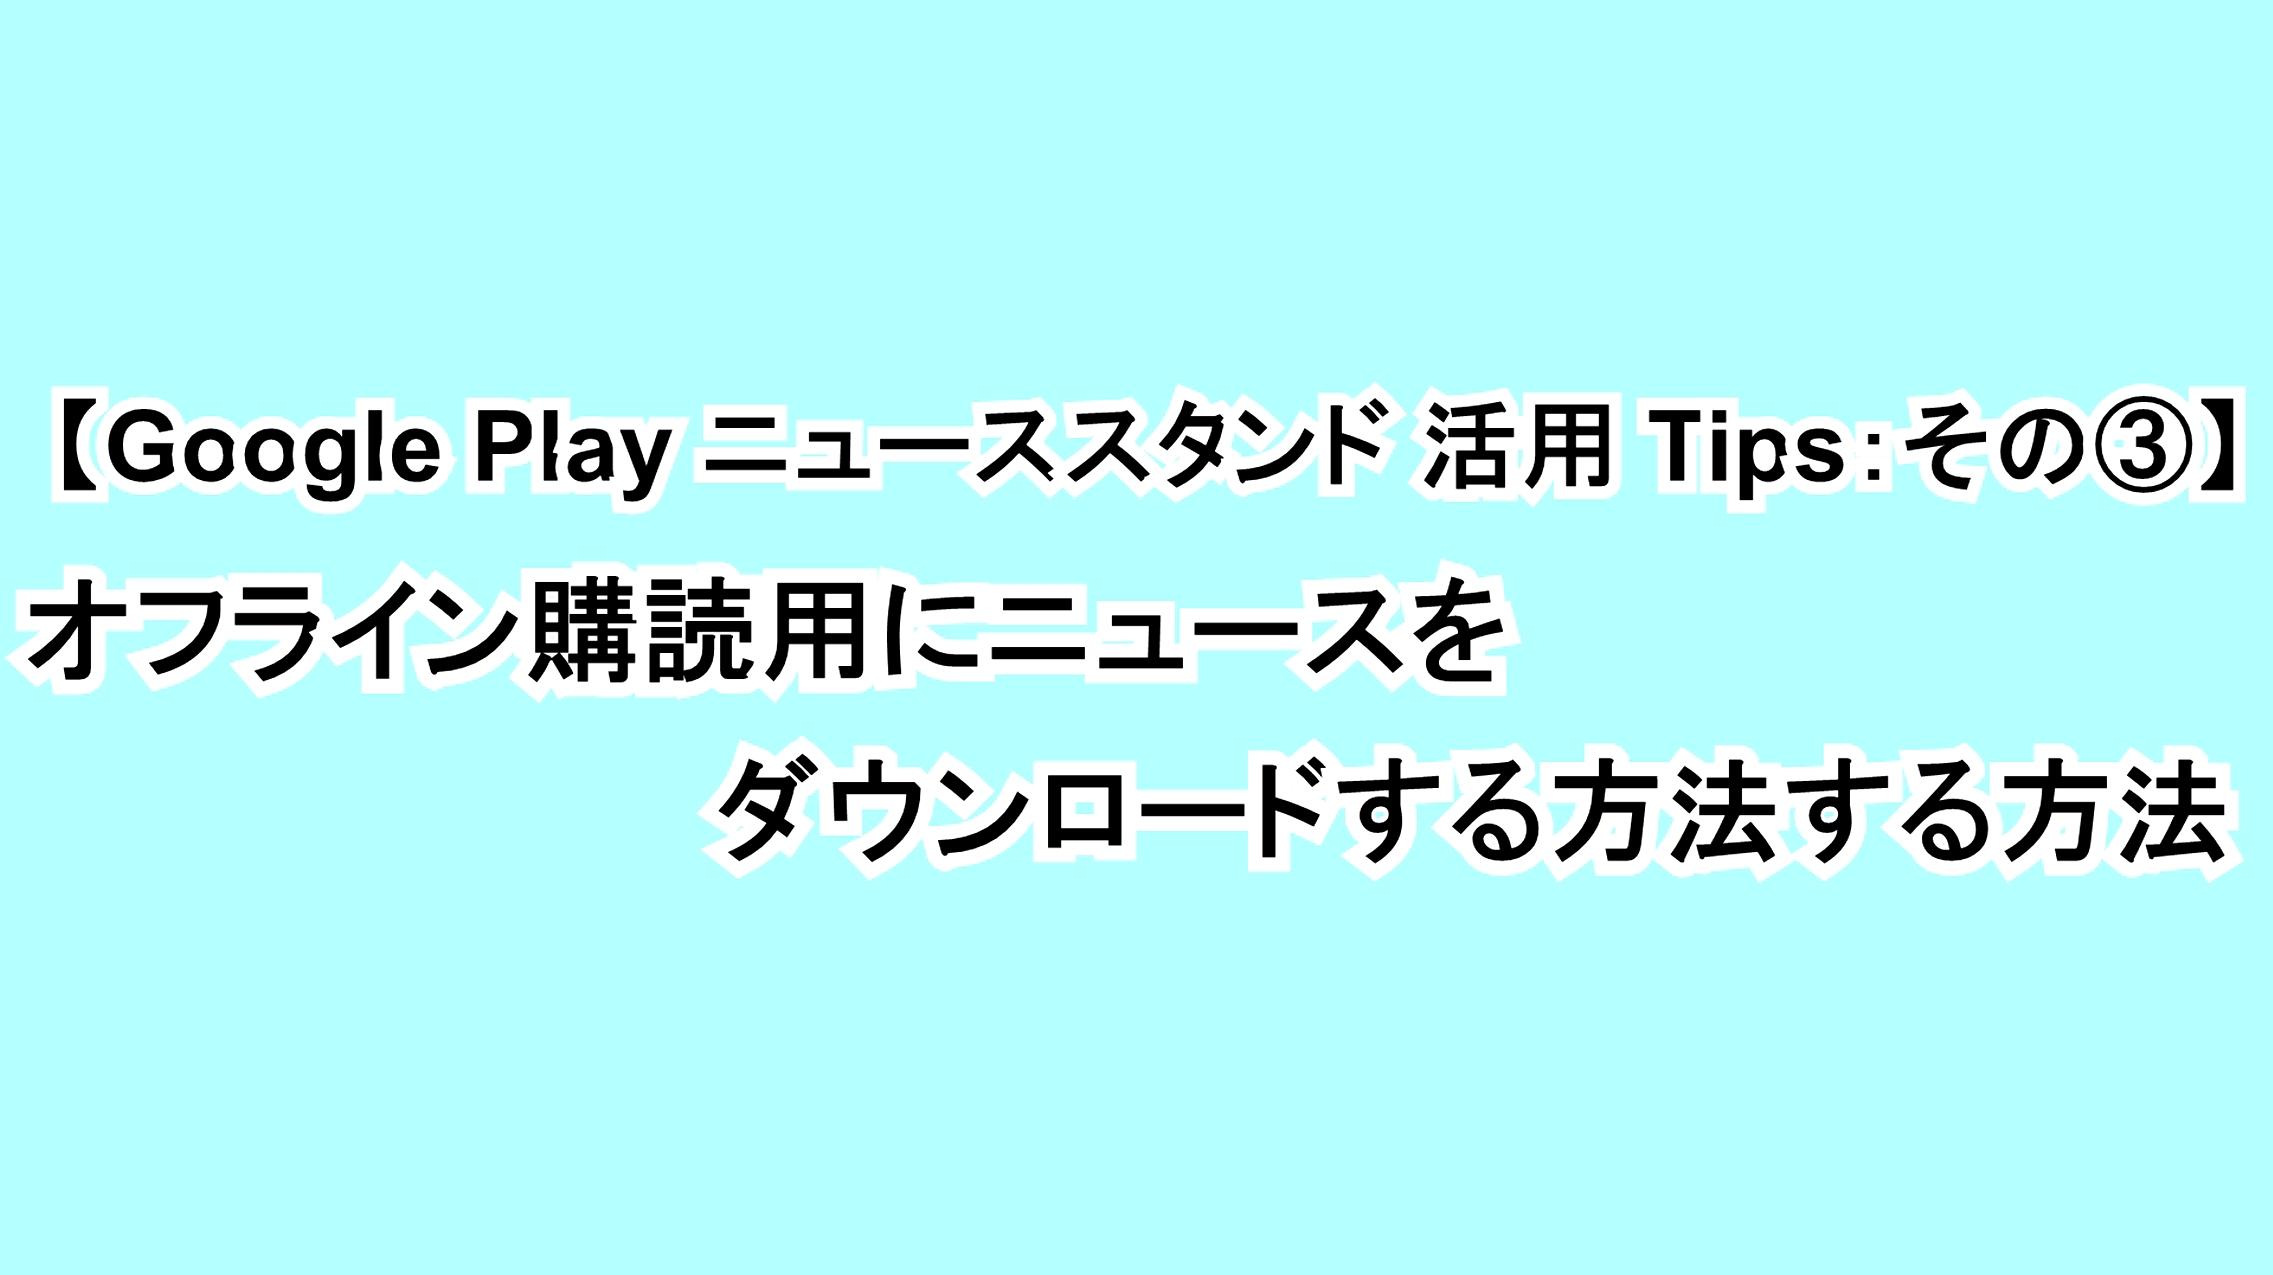 【Google Play ニューススタンド活用Tips:その③】ニュースをオフライン購読用にダウンロードする方法